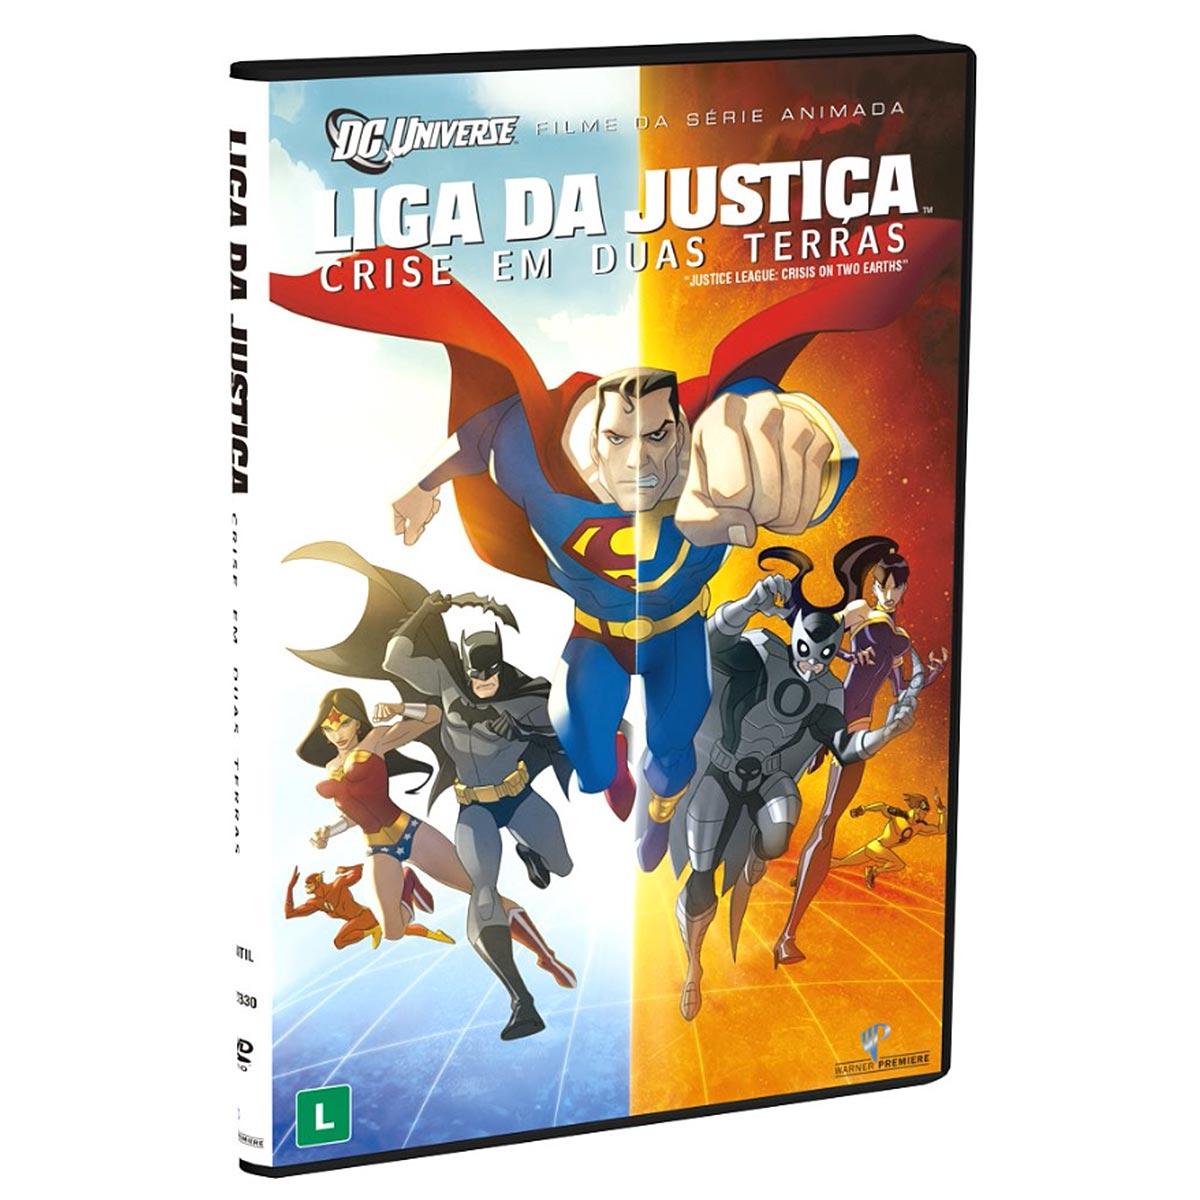 DVD Liga da Justiça: Crise em Duas Terras